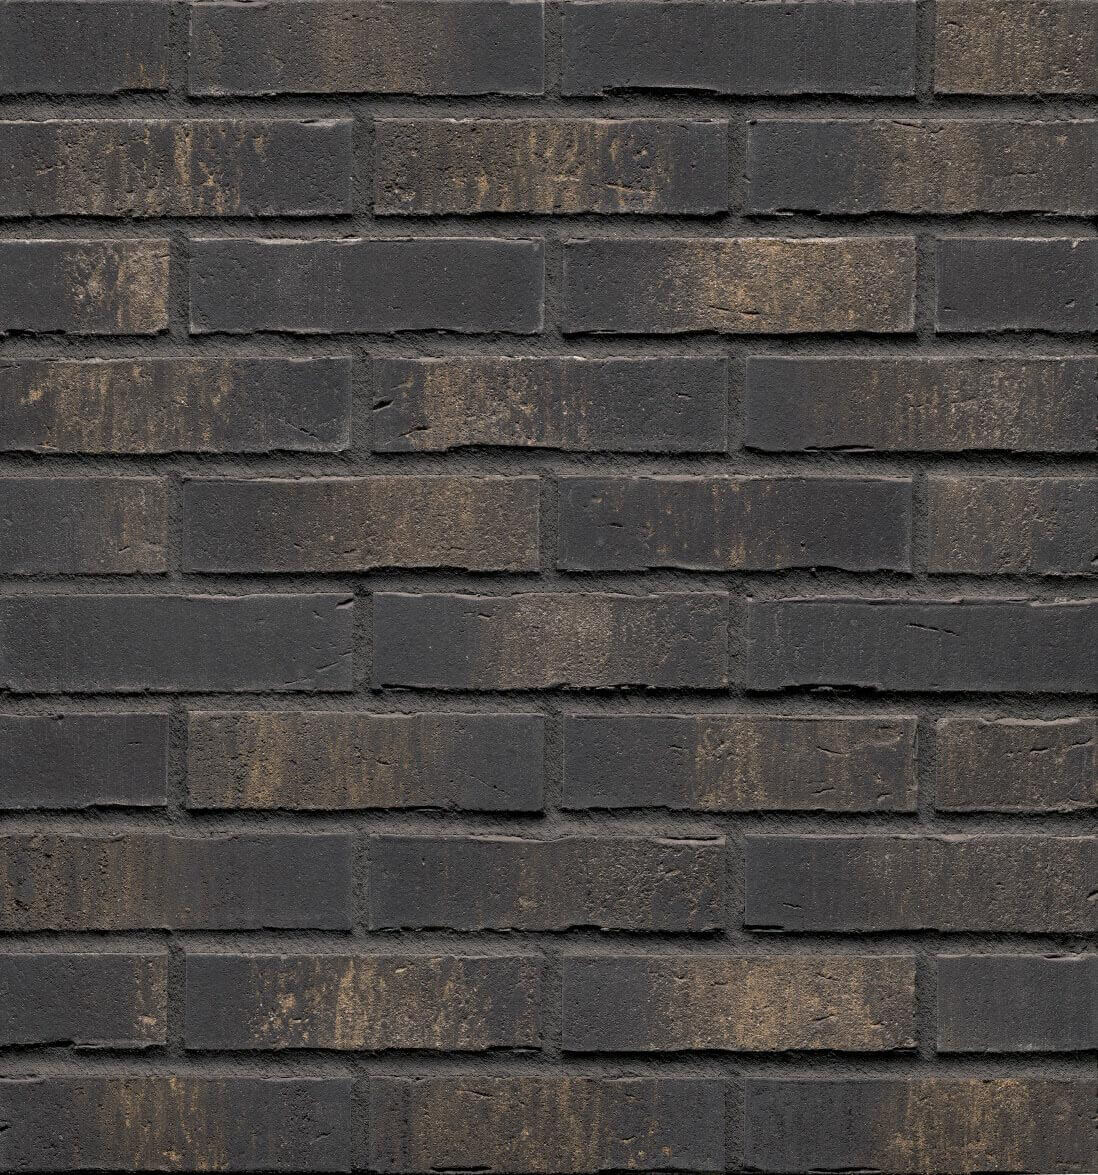 Feldhaus Klinker - R738NF14, Vascu Vulcano Sola, 240x14x71 - Клинкерная плитка для фасада и внутренней отделки